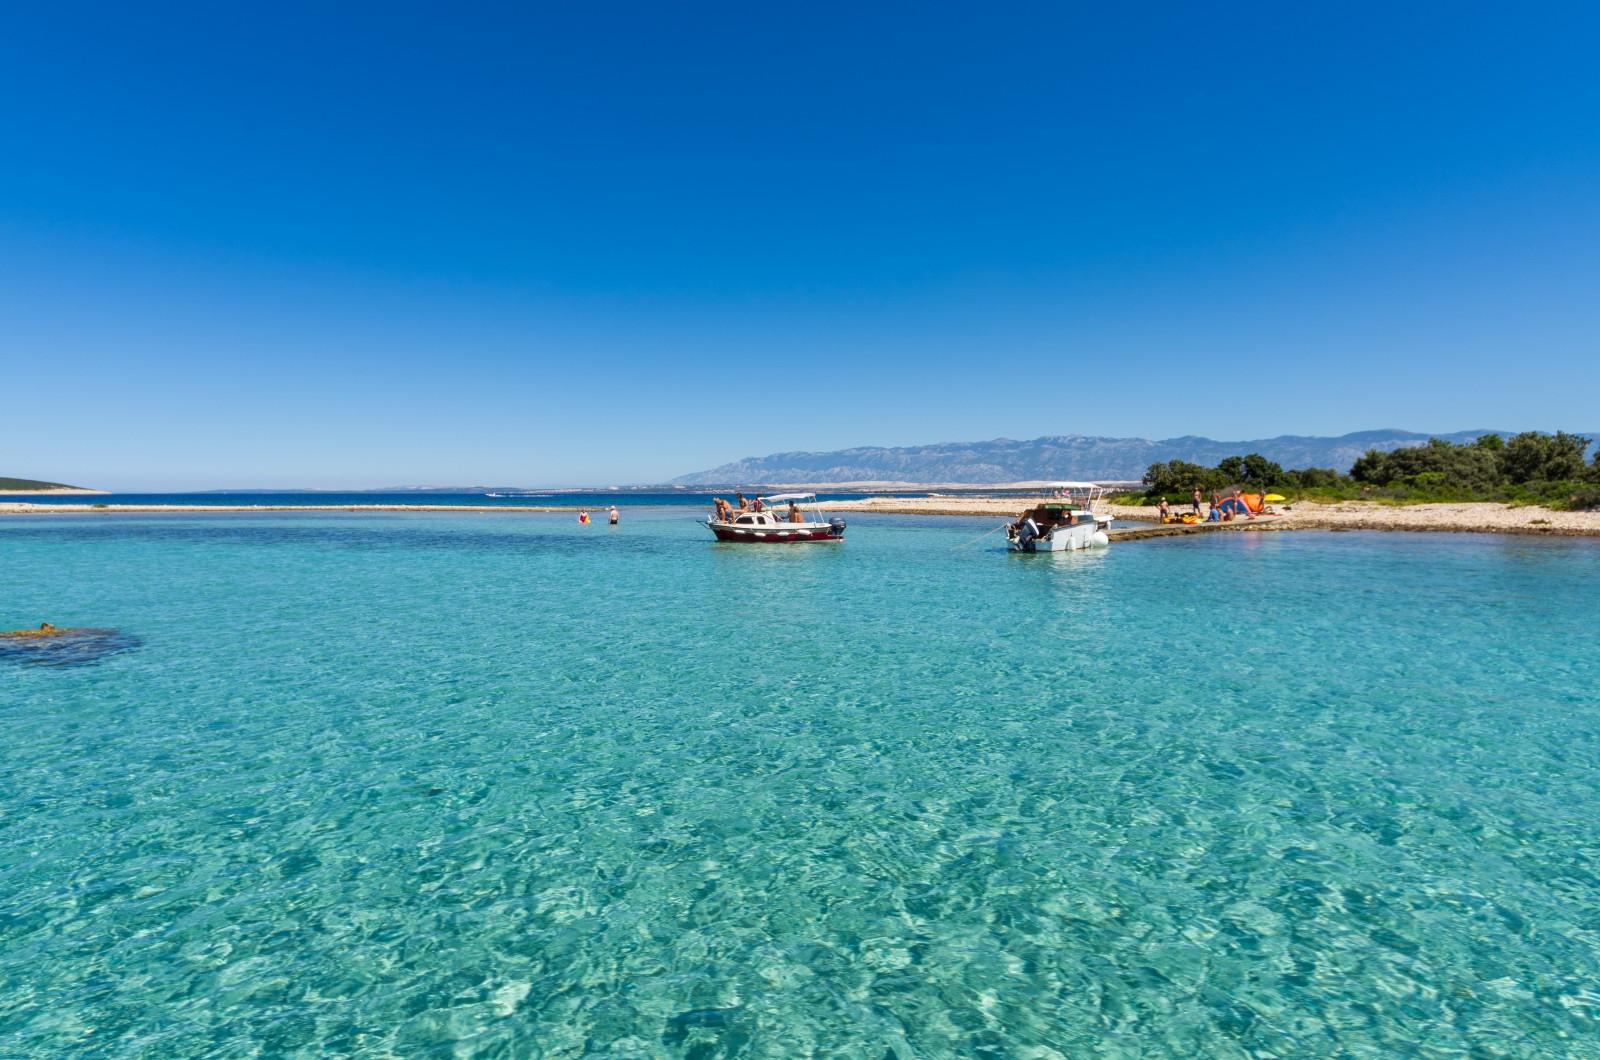 Das klare Wasser der Adria und die Aussicht sind Entspannung pur. Bild: Ivan Čorić